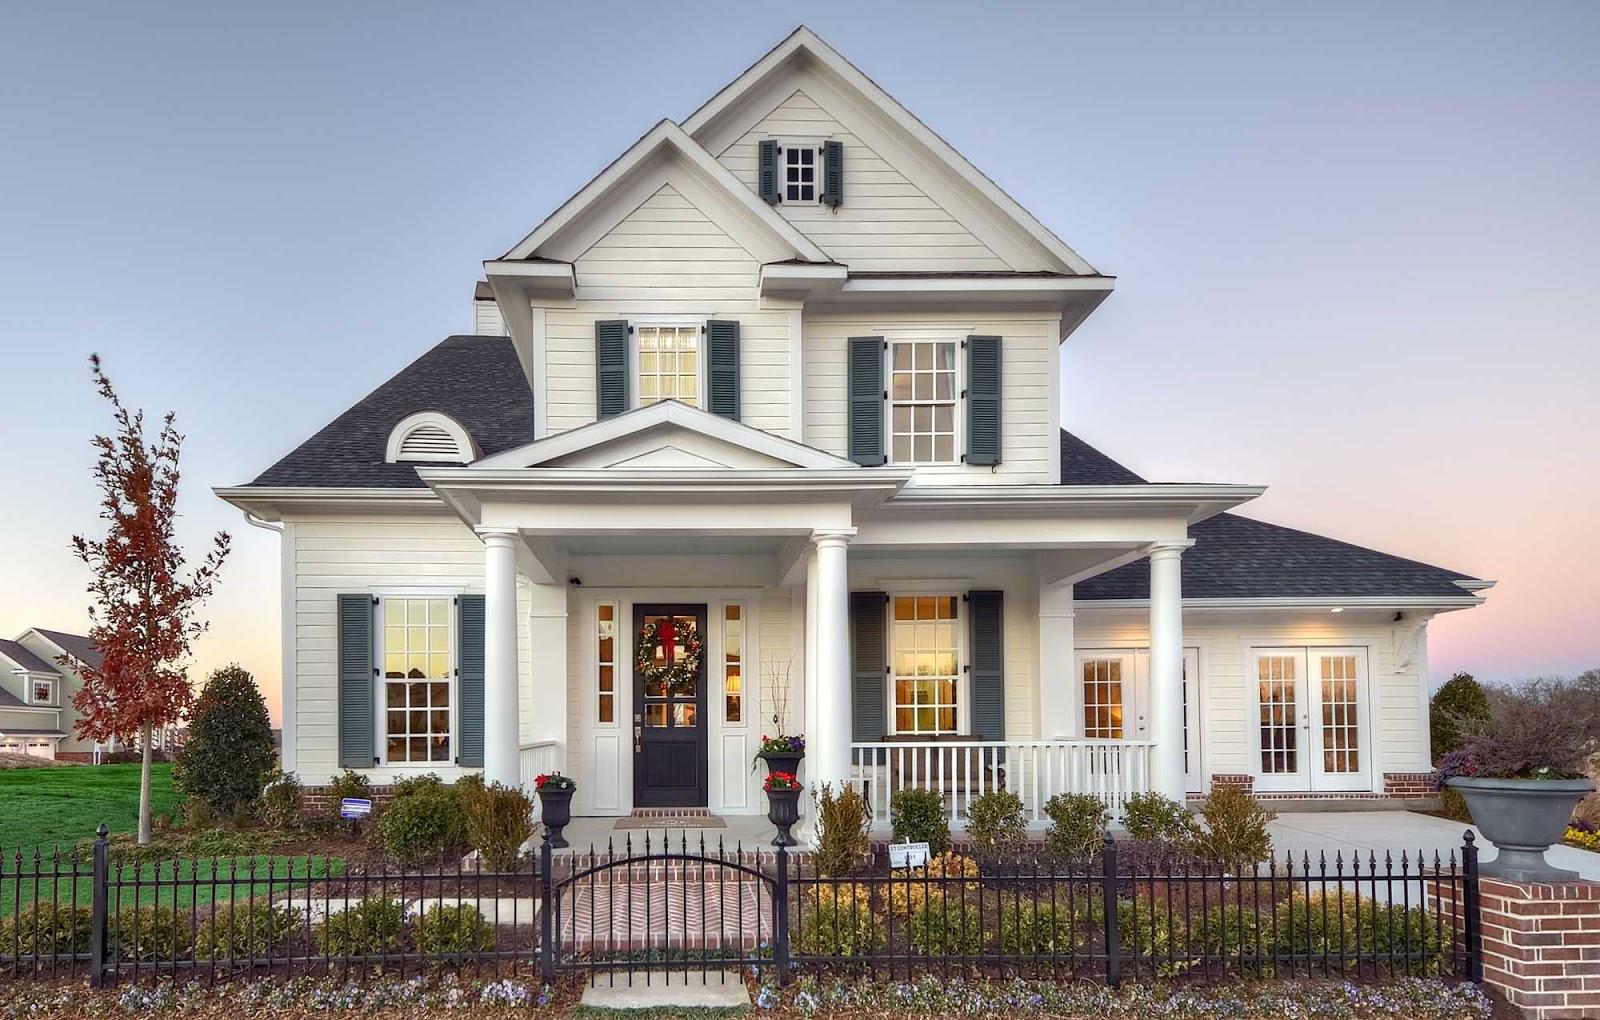 desain rumah modern mewah unik minimalis interior exterior